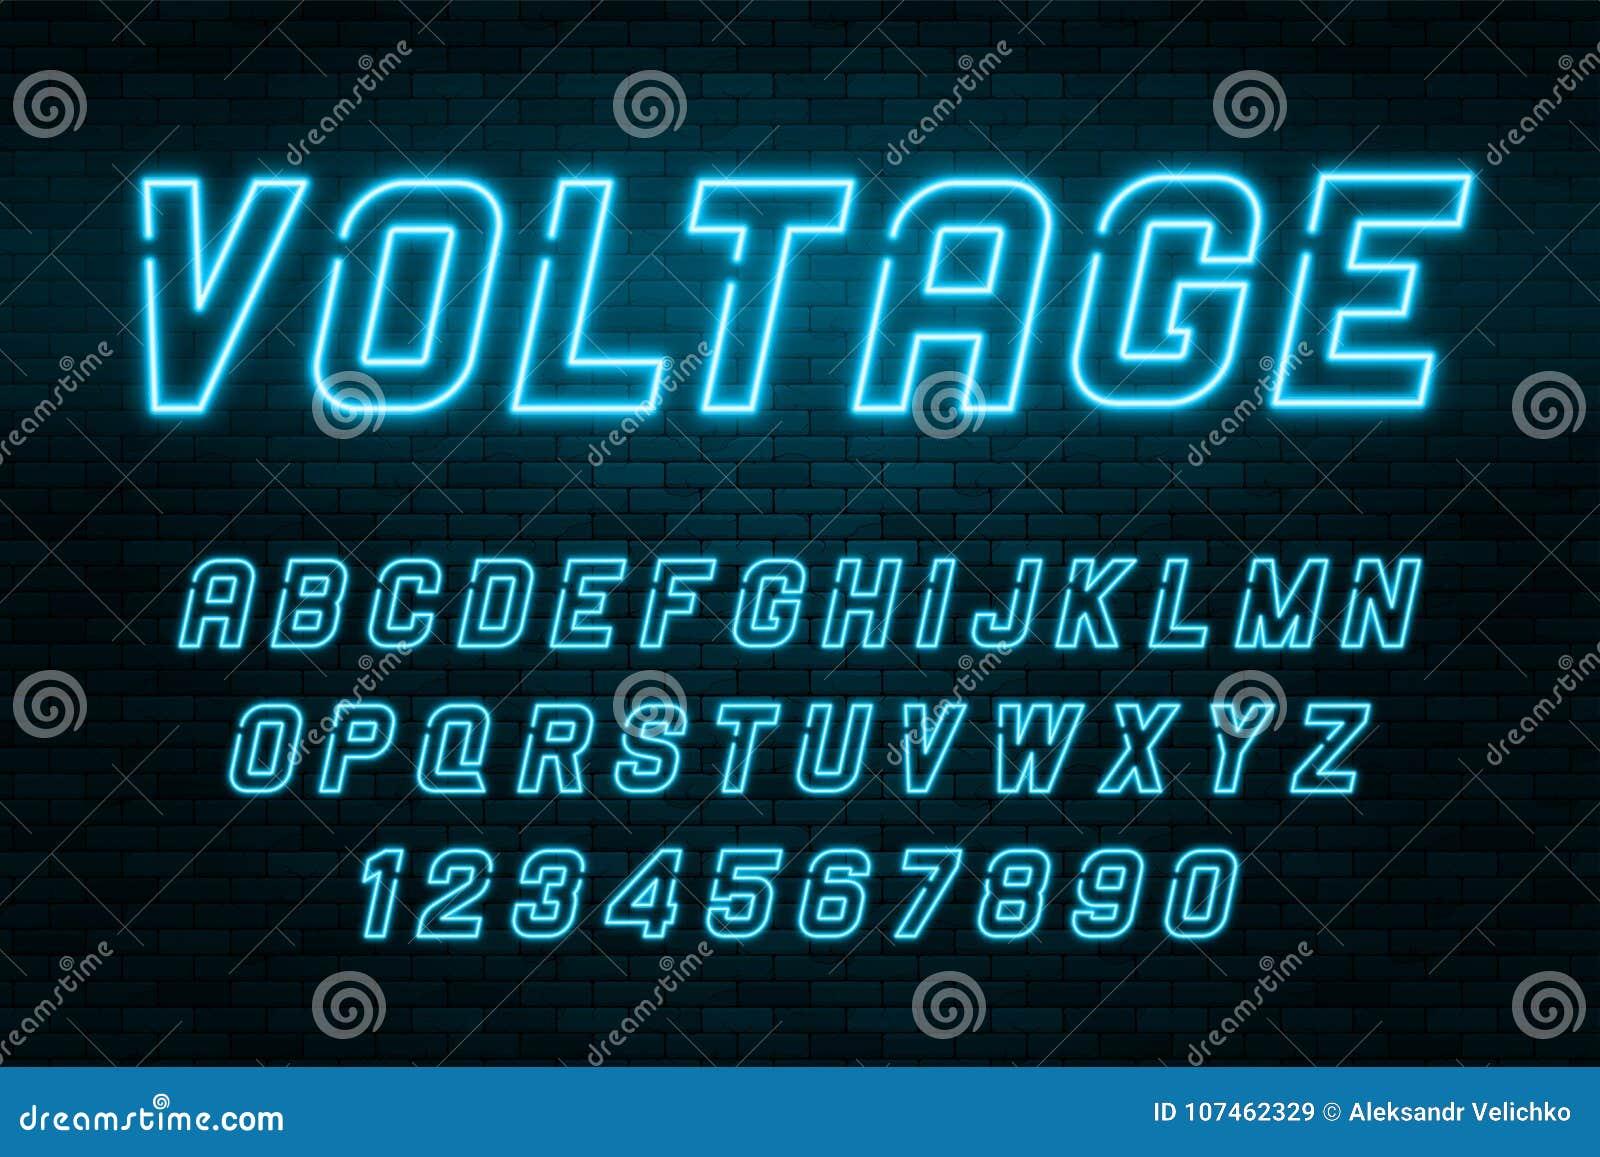 Alfabeto de la luz de neón del voltaje, fuente que brilla intensamente adicional realista